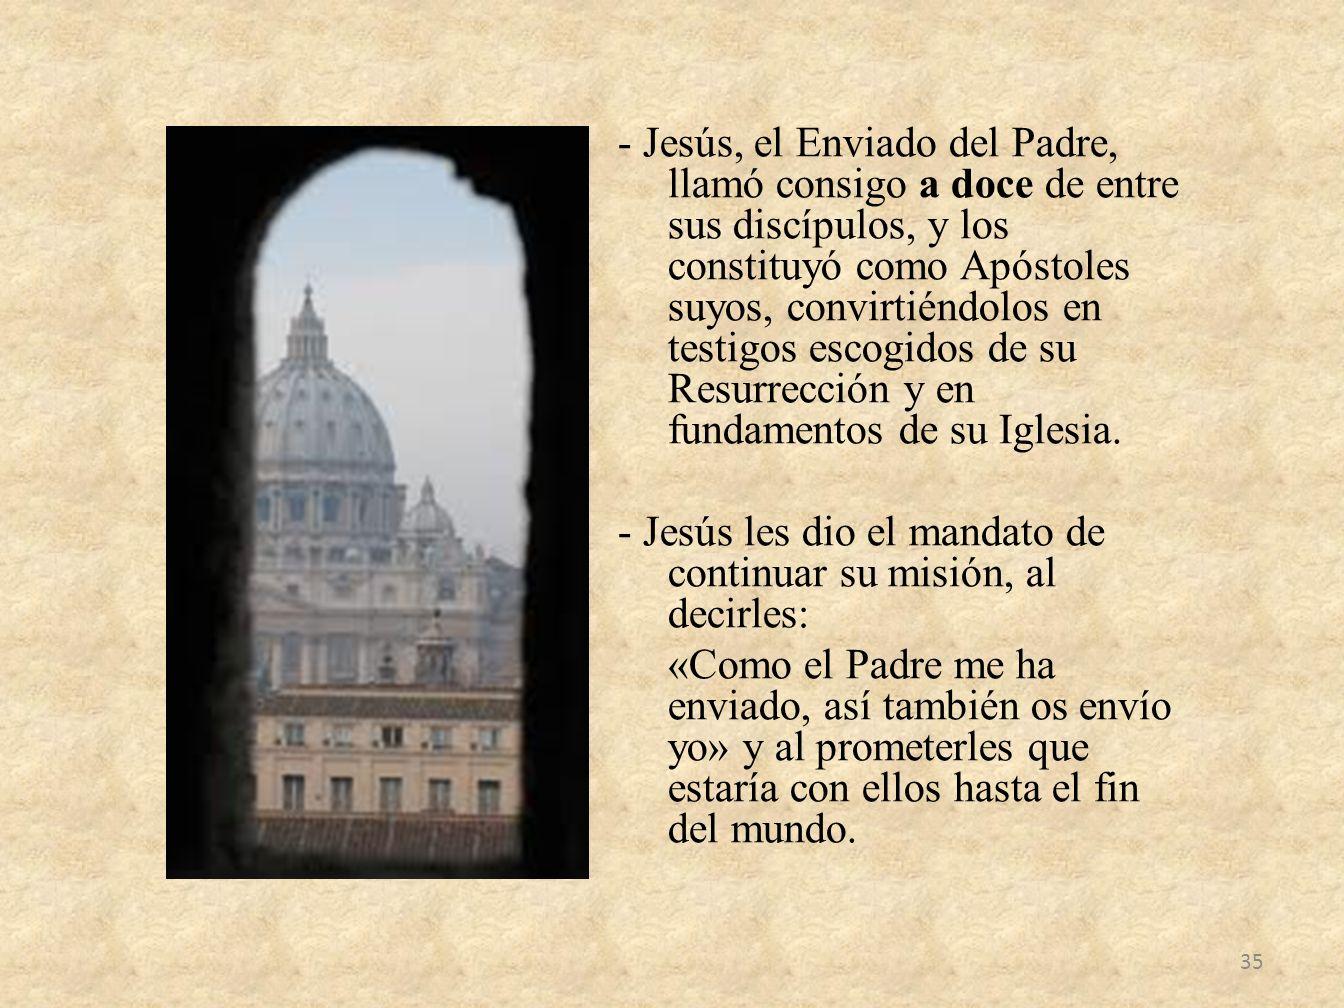 - Jesús, el Enviado del Padre, llamó consigo a doce de entre sus discípulos, y los constituyó como Apóstoles suyos, convirtiéndolos en testigos escogi